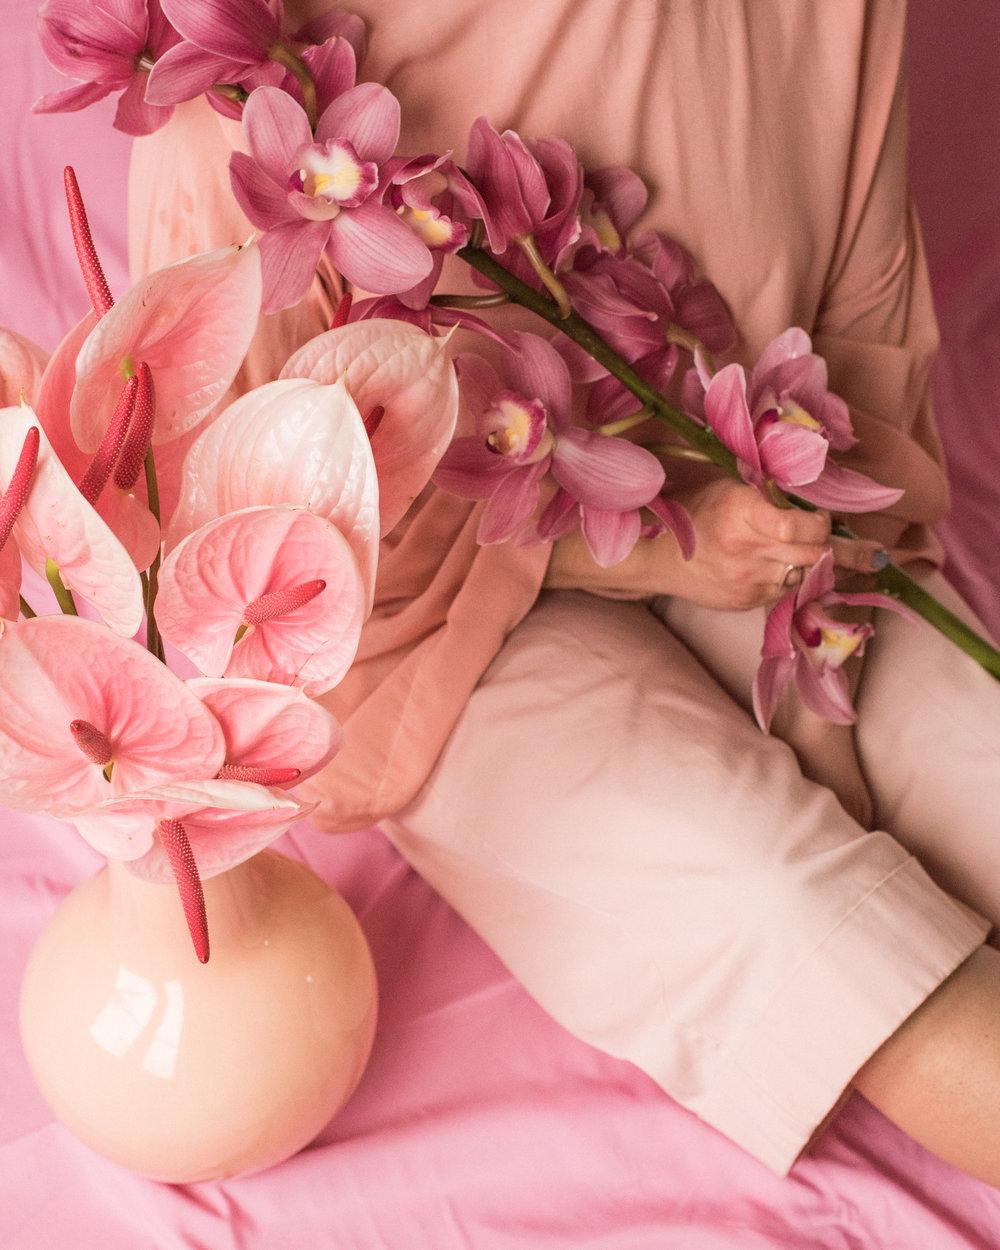 Genevieve_GraceBeck_Florals-63.JPG